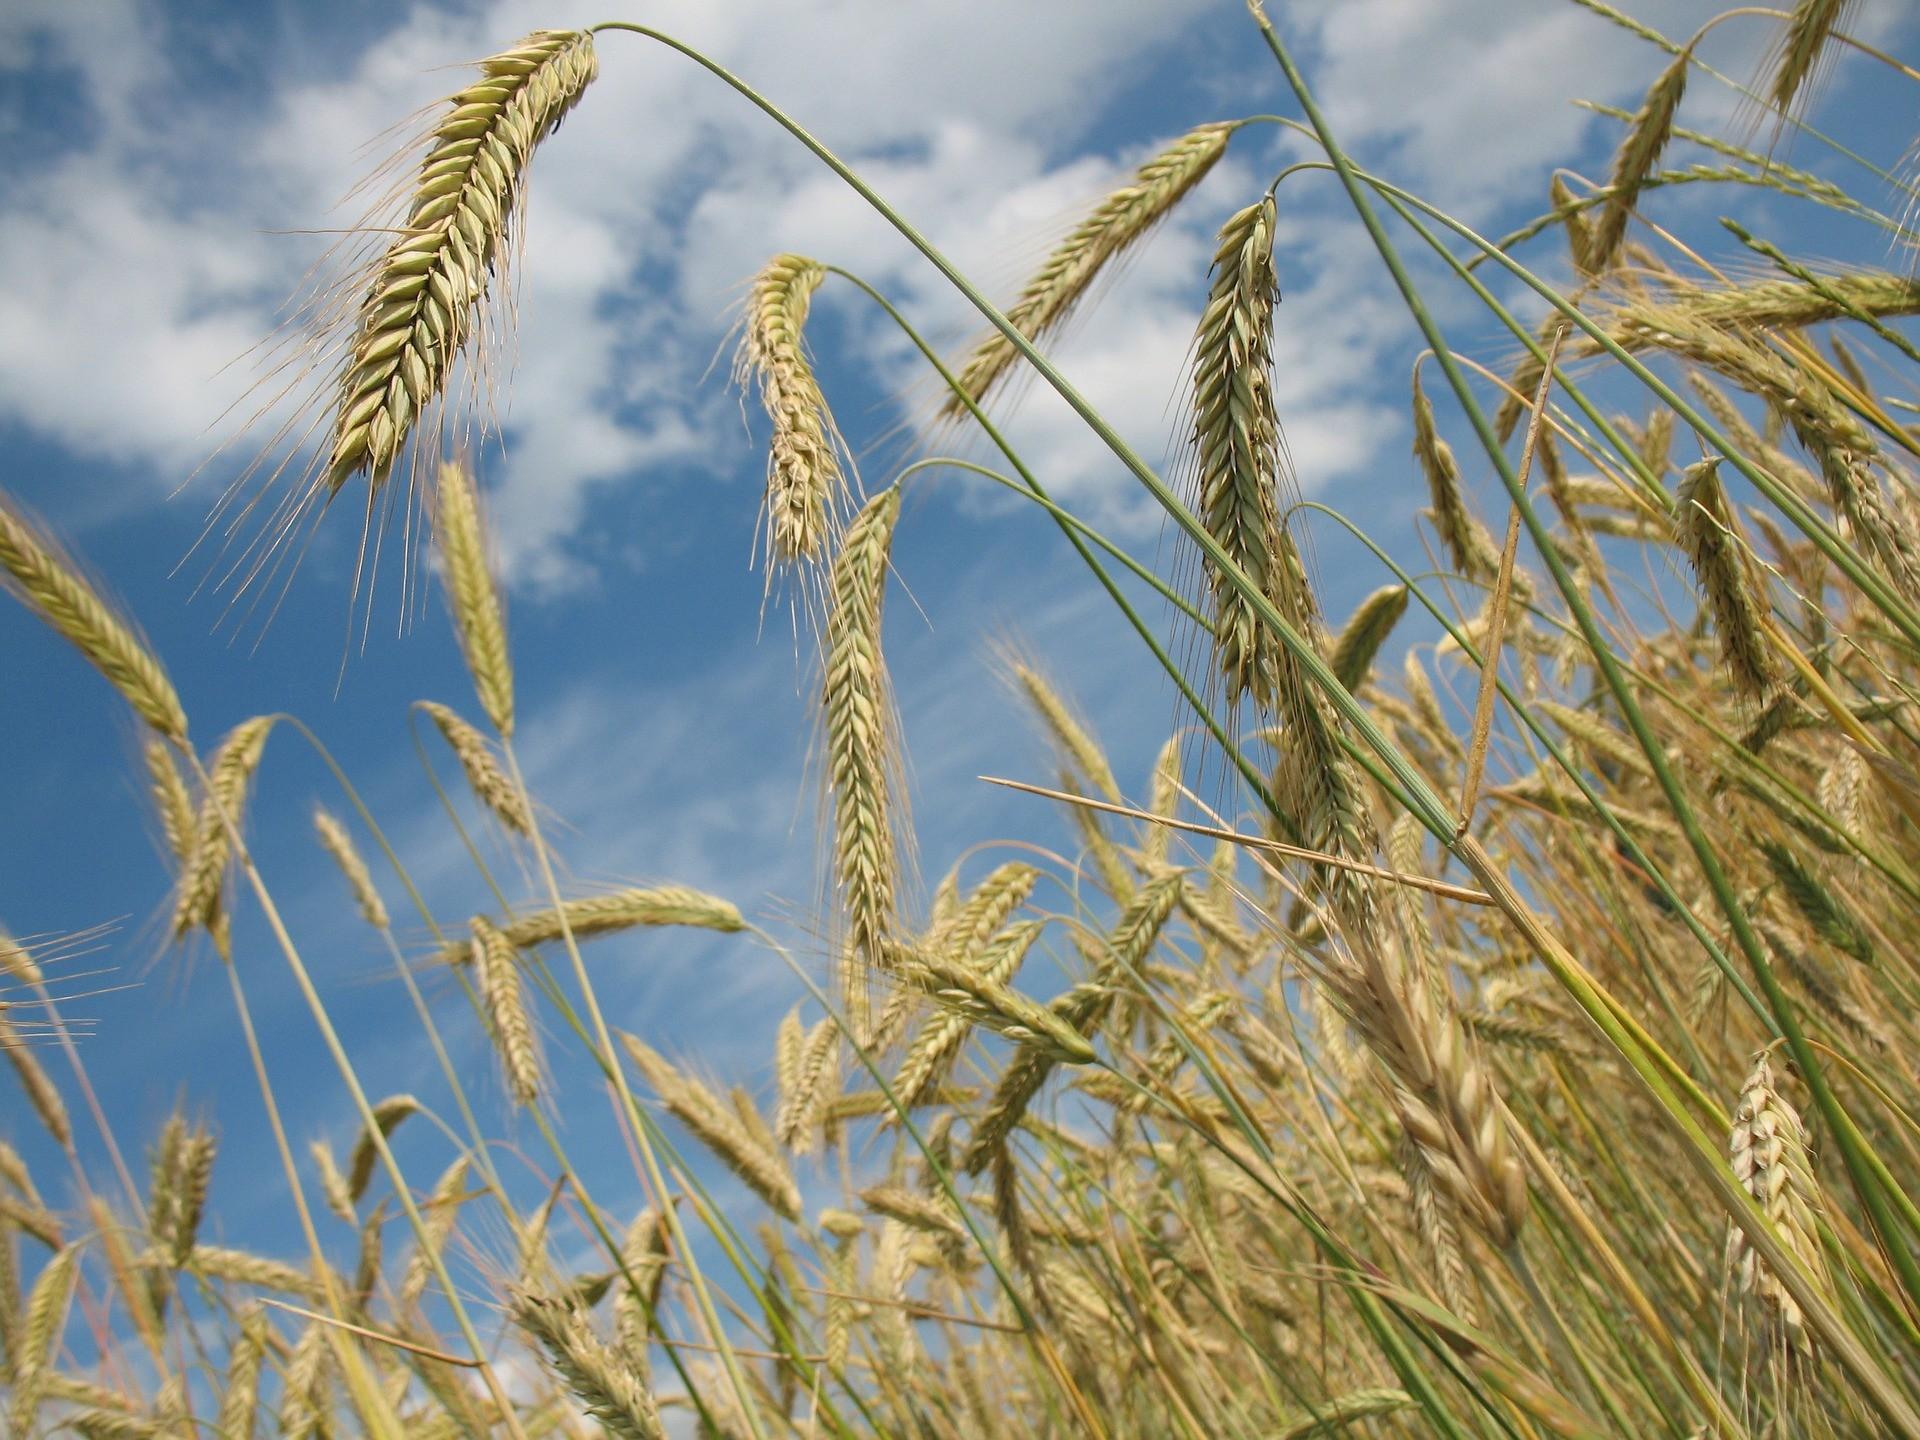 пшеница злаки зерно сельское хозяйство